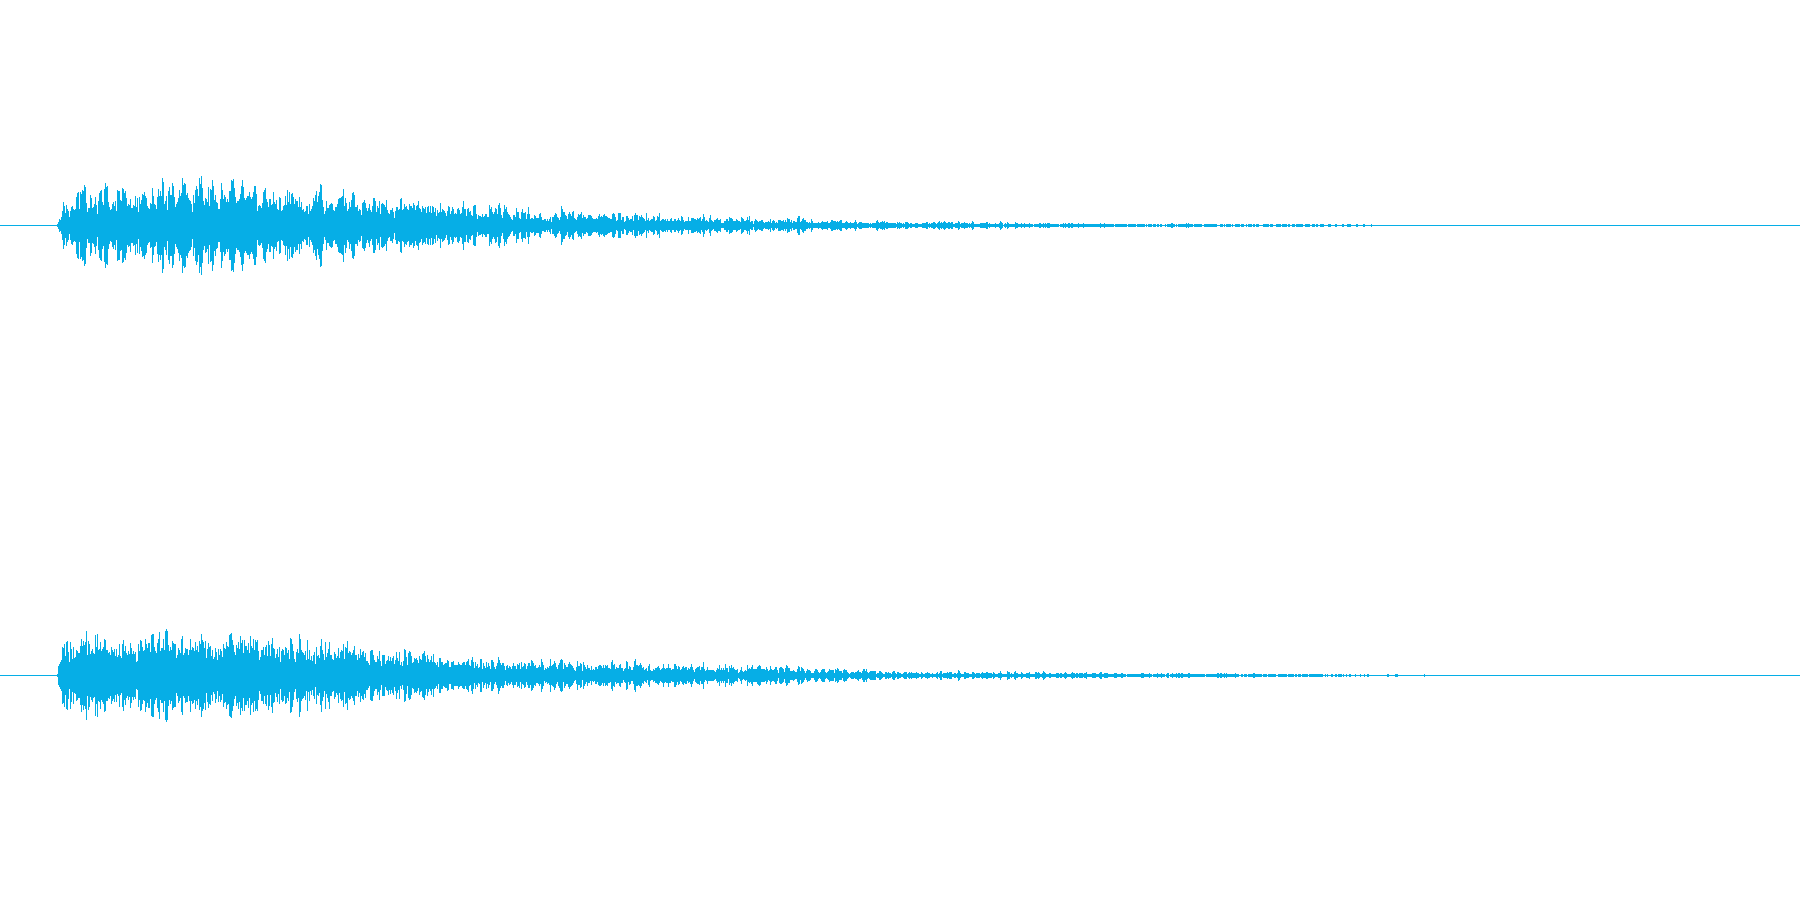 ドドーン!(重大発表とかで聴く音)の再生済みの波形